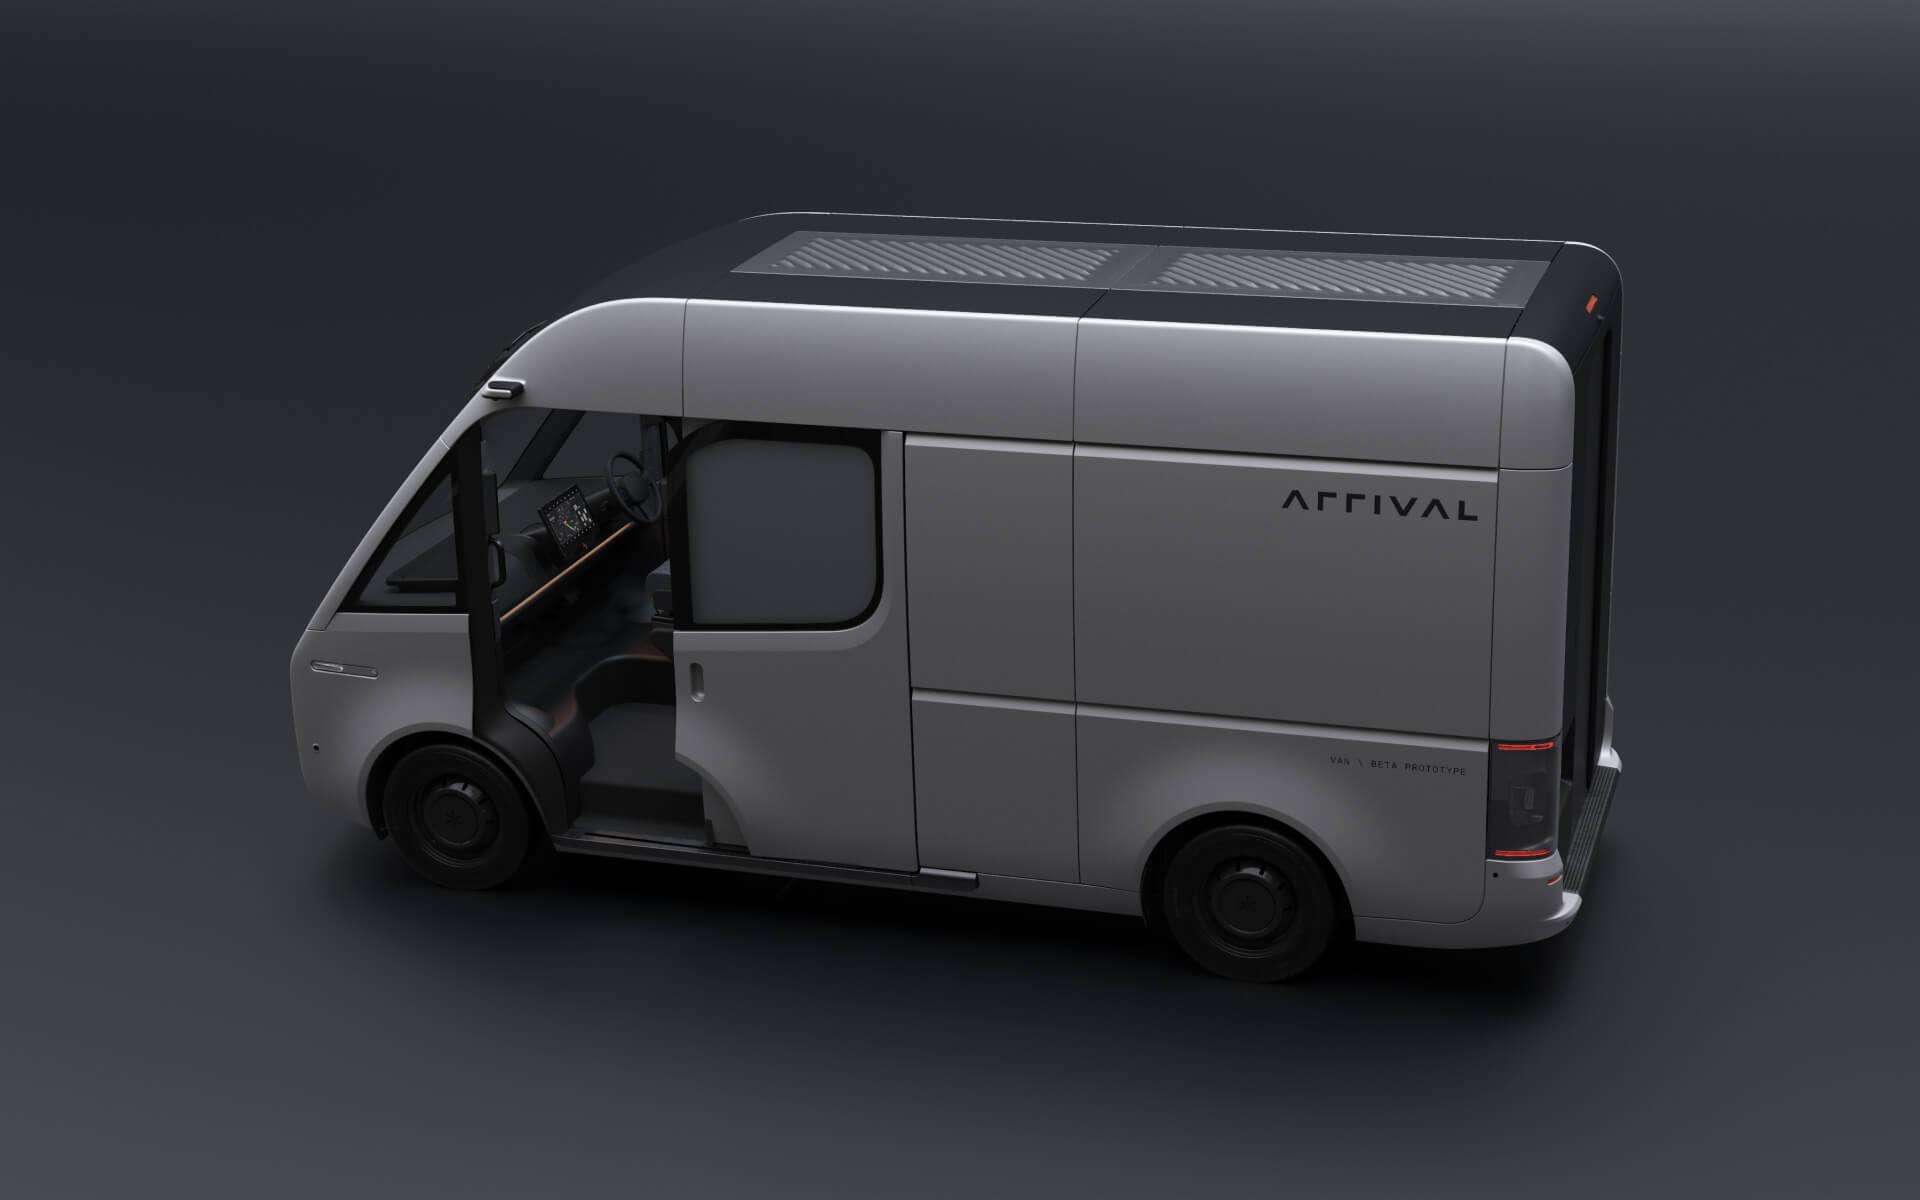 После реальных испытаний Arrival внесла существенные изменения в конструкцию электрического фургона